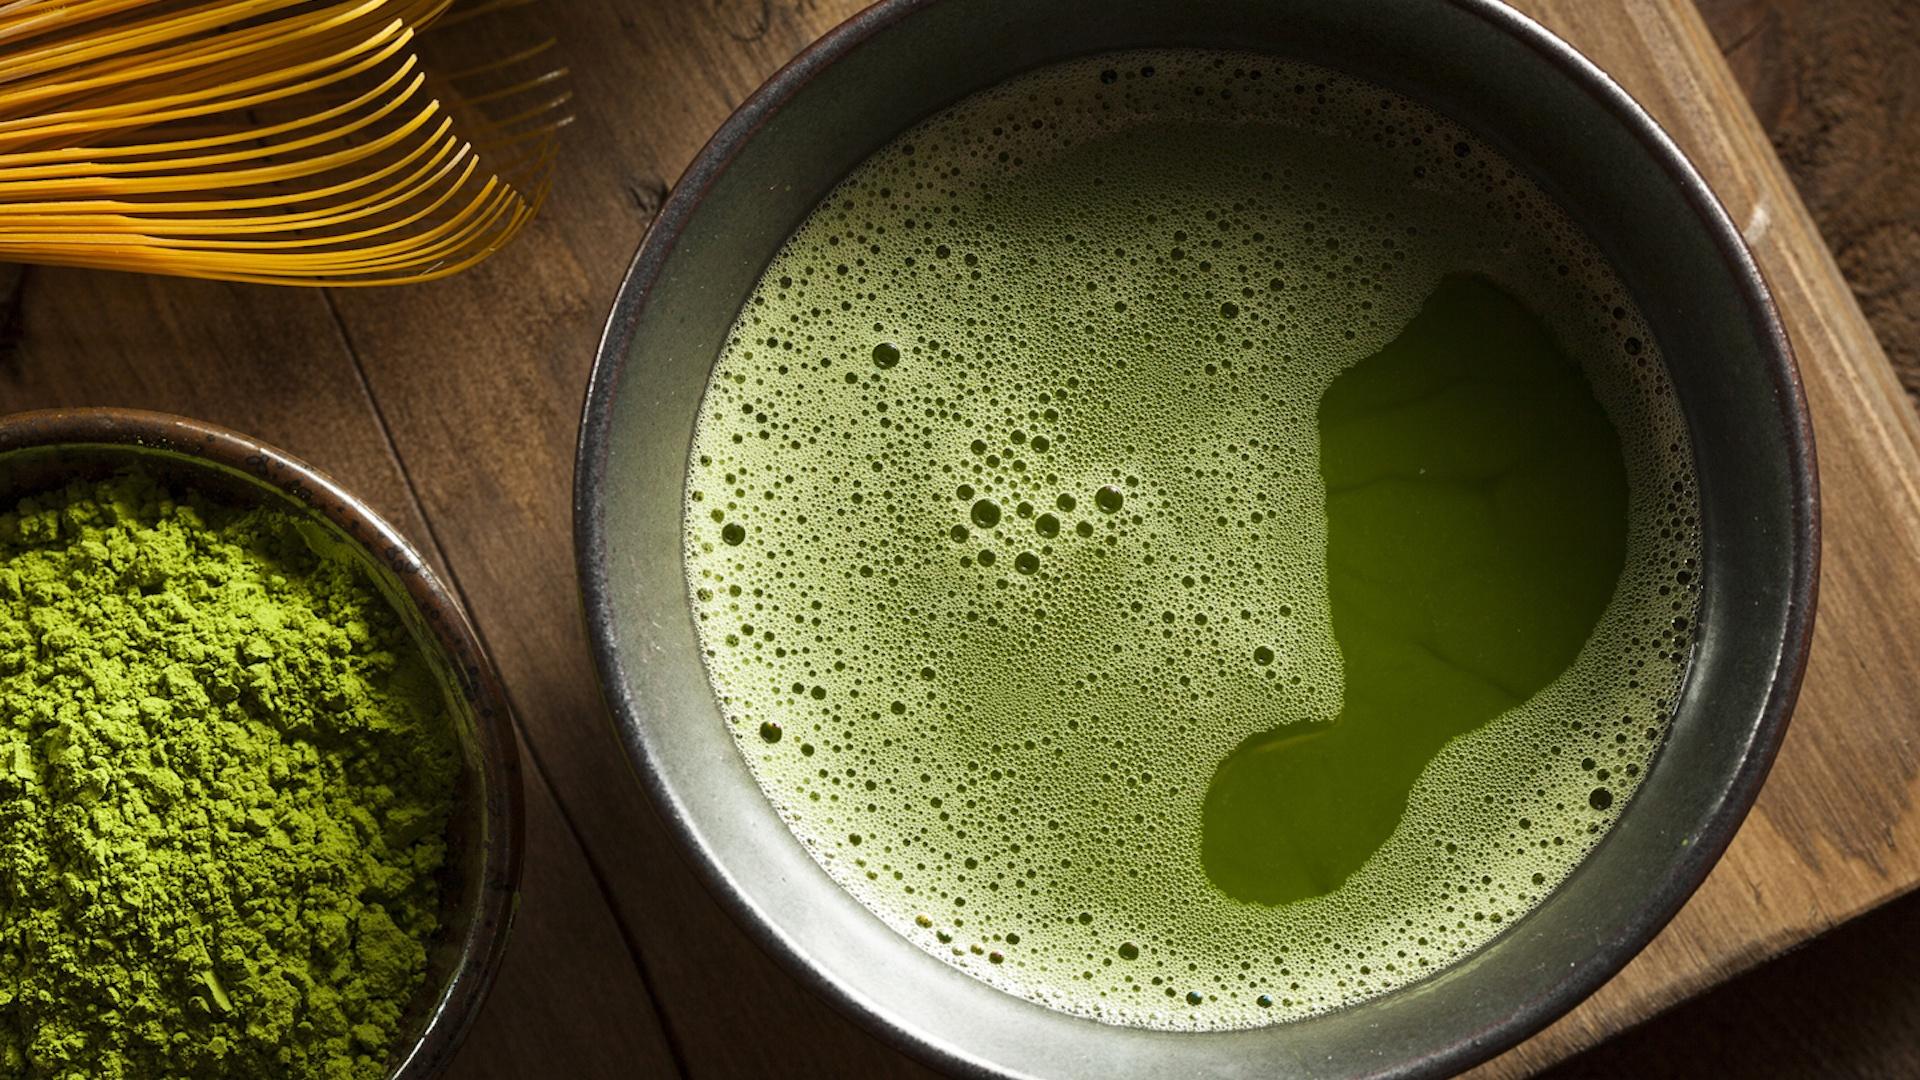 2. kép - a zöld tea az egyik legközkedveltebb a köhögés elleni teák között